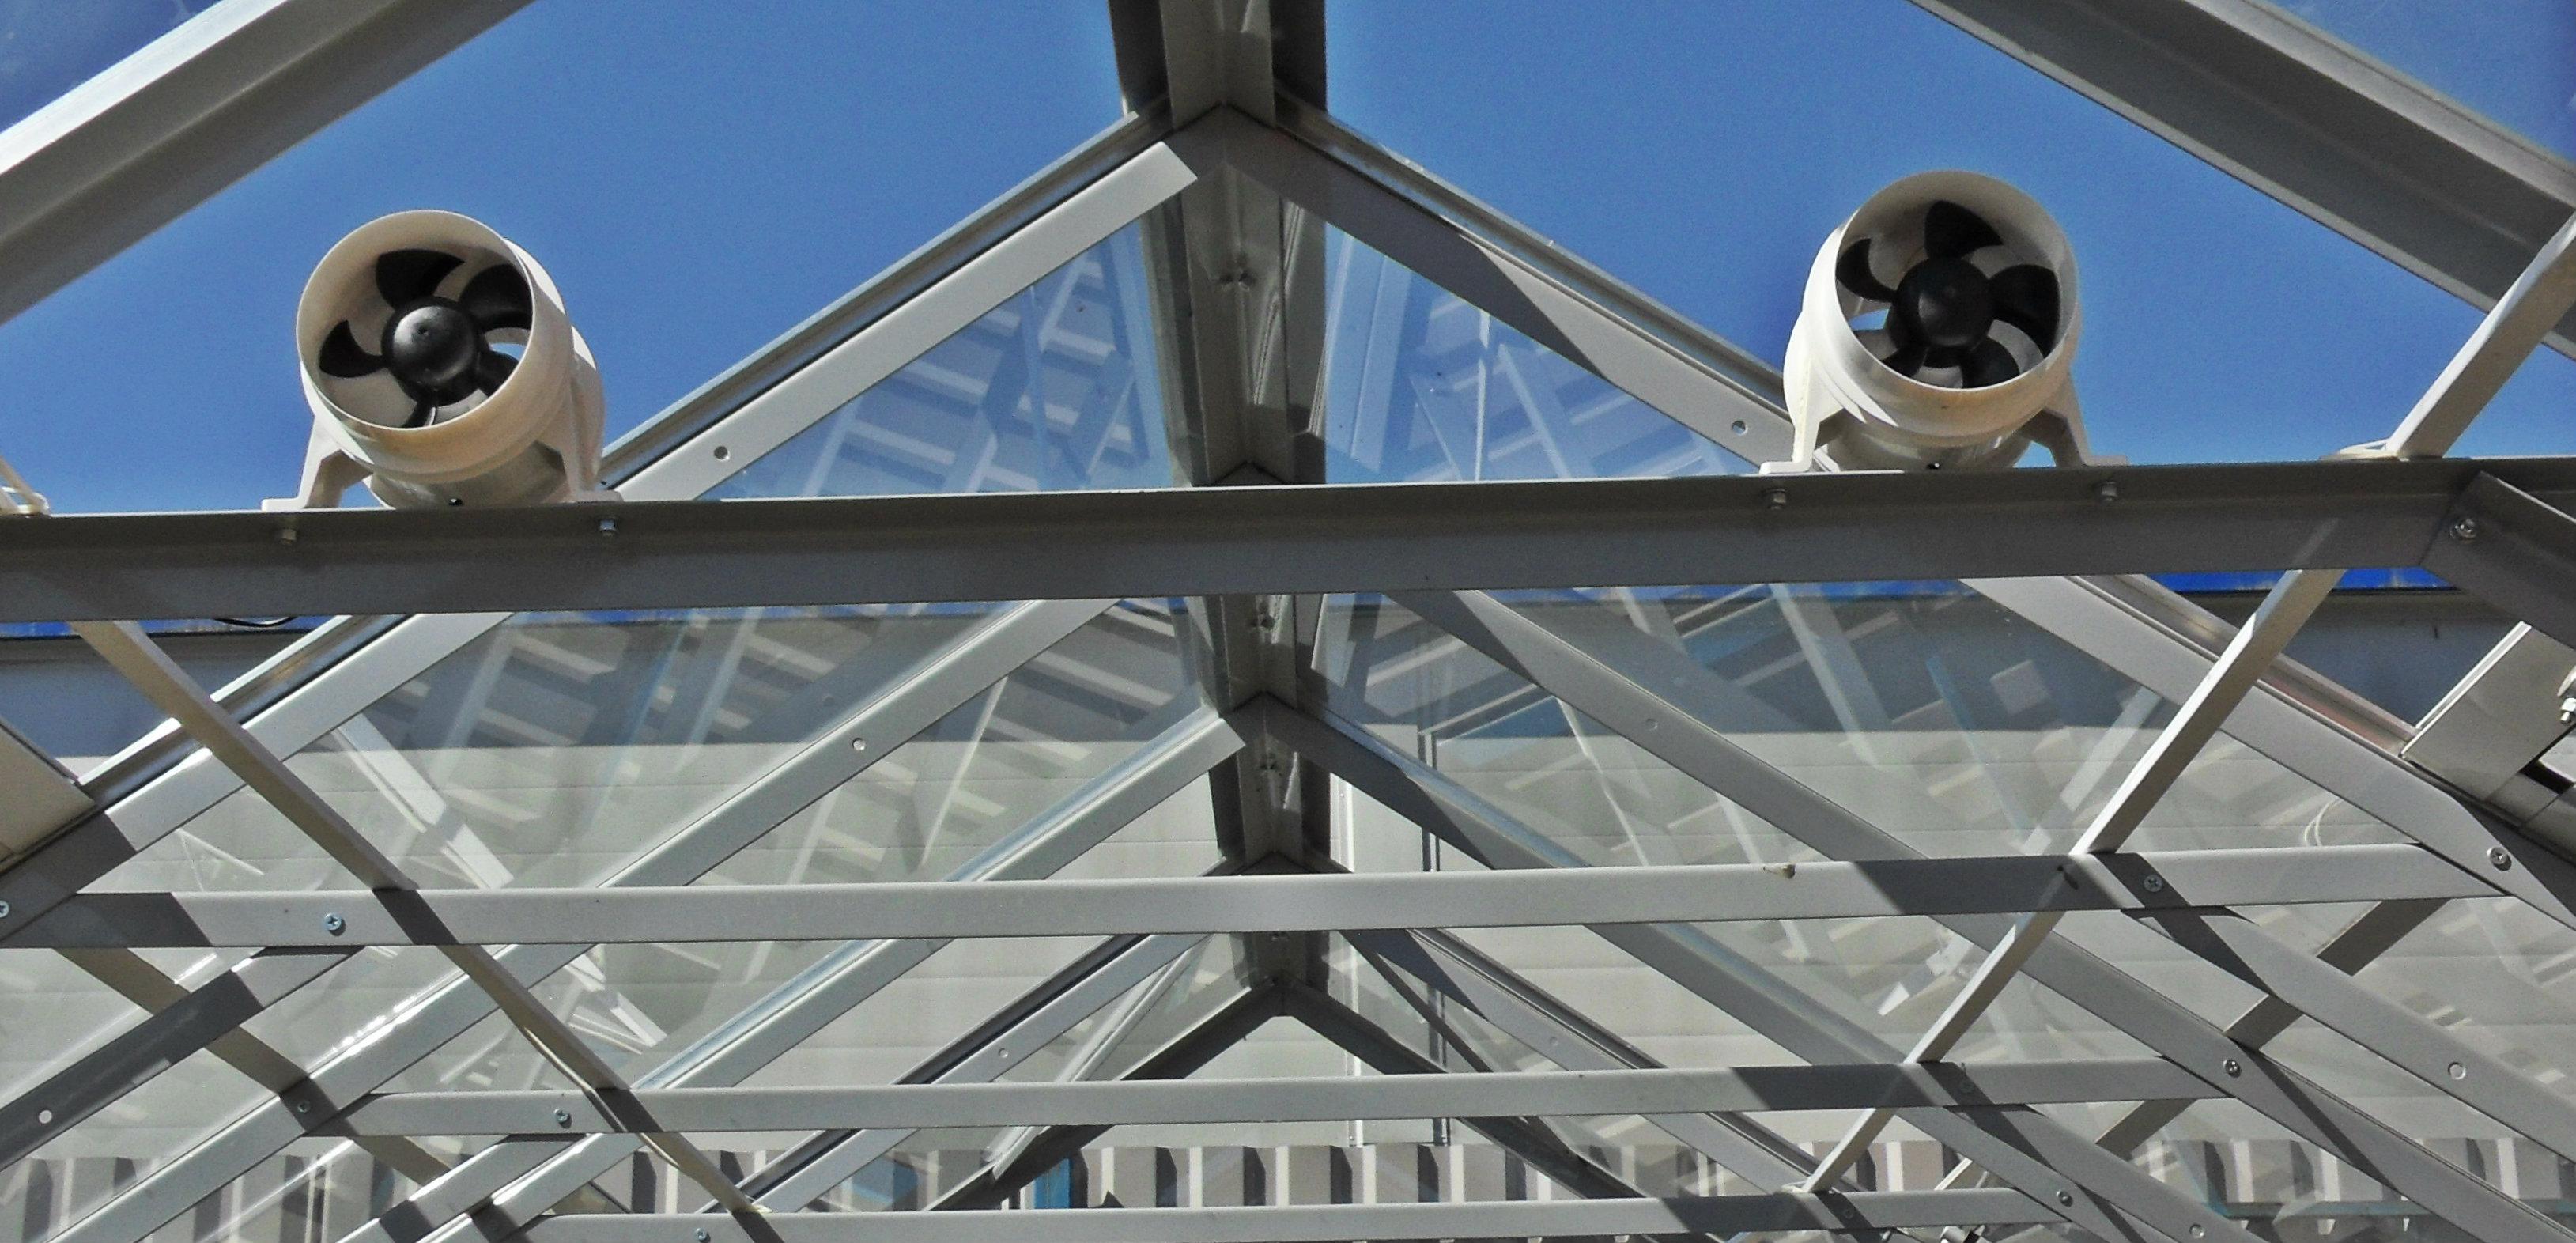 Вентиляторы для принудительного воздухообмена в теплице